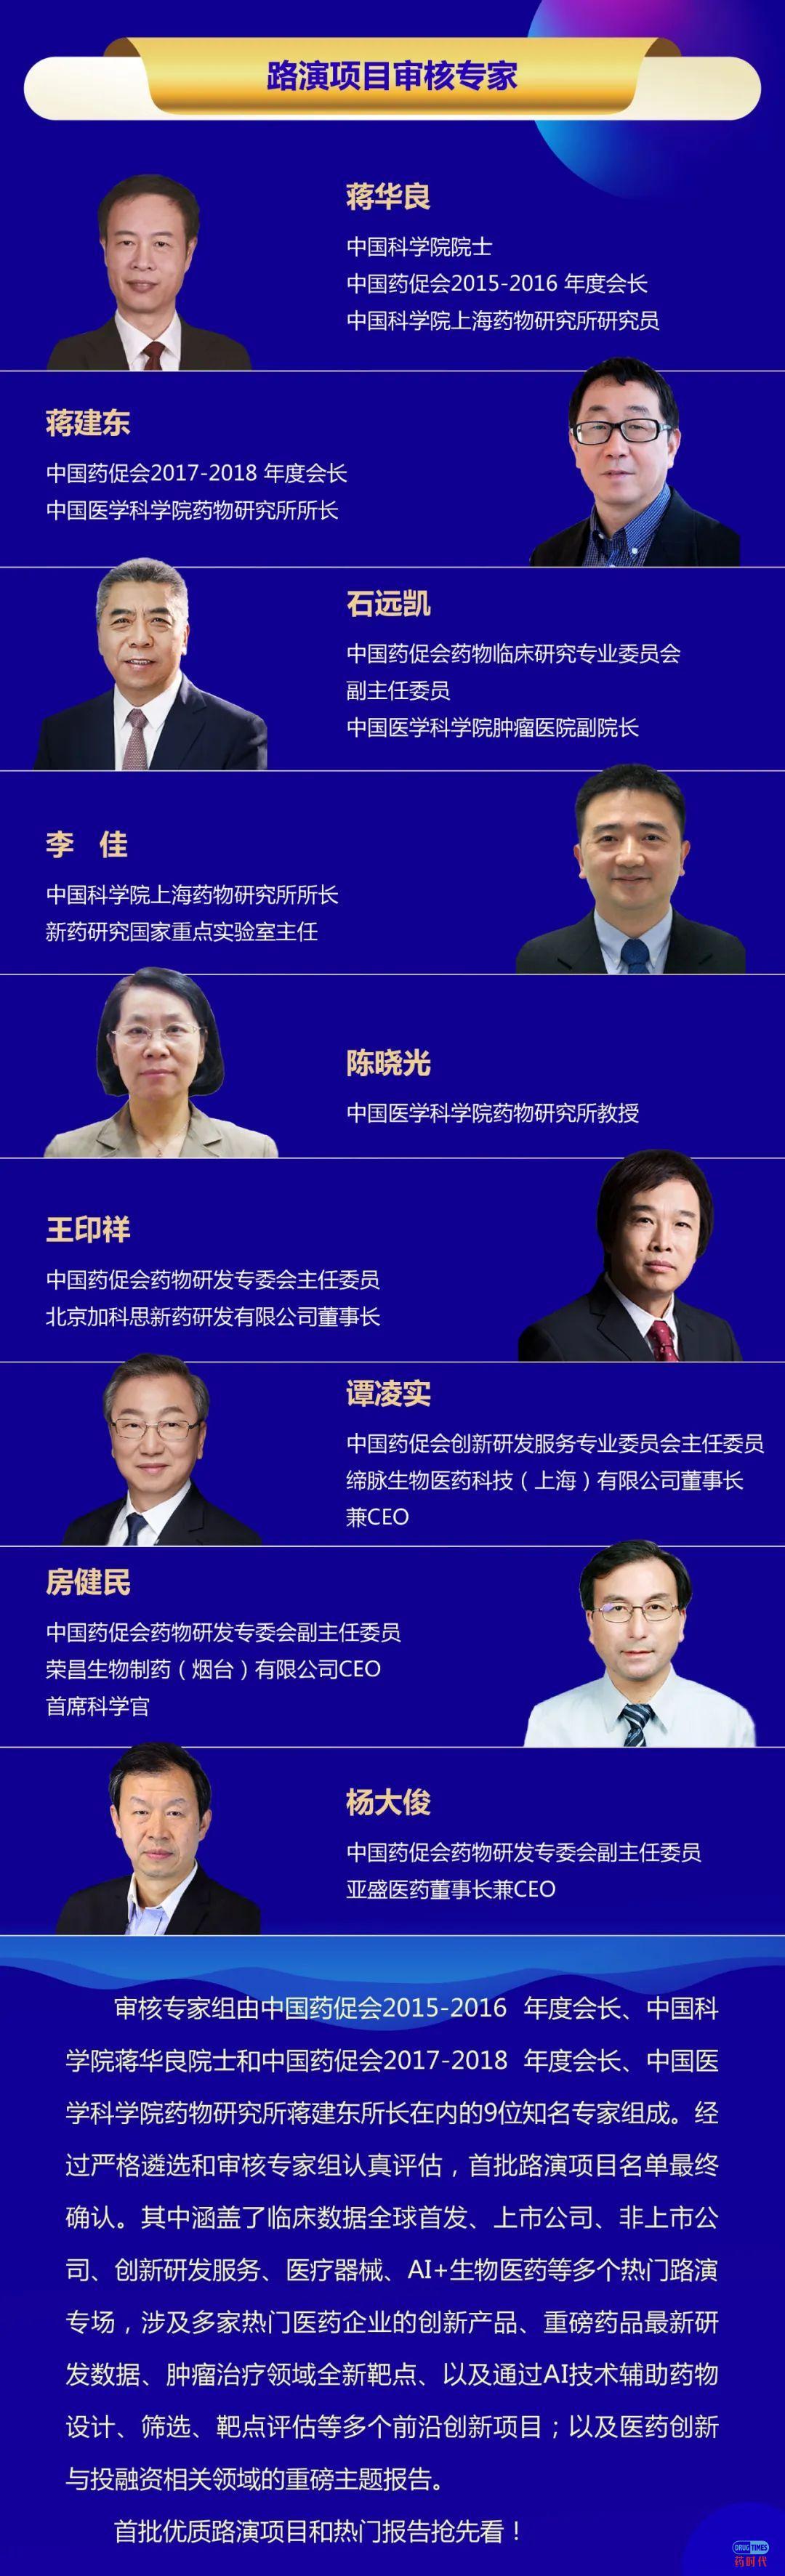 第五届中国医药创新与投资大会首批路演名单出炉